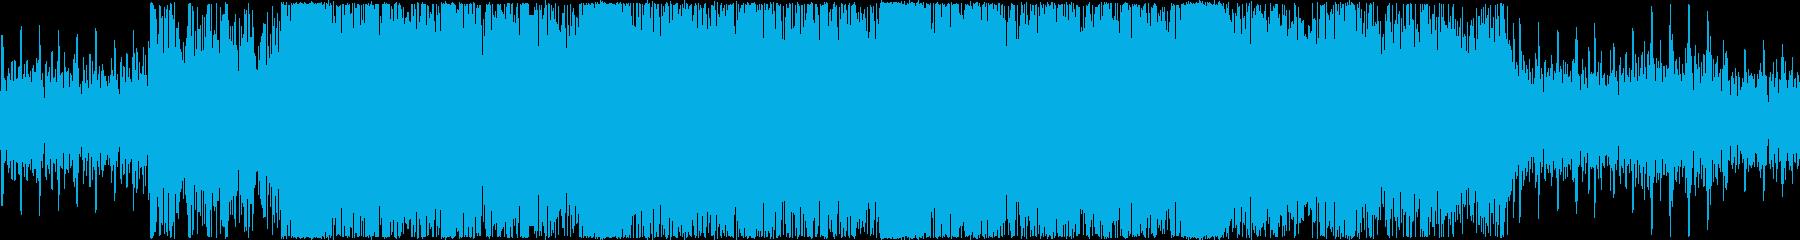 壮大で重厚感のあるシネマチックサウンドの再生済みの波形